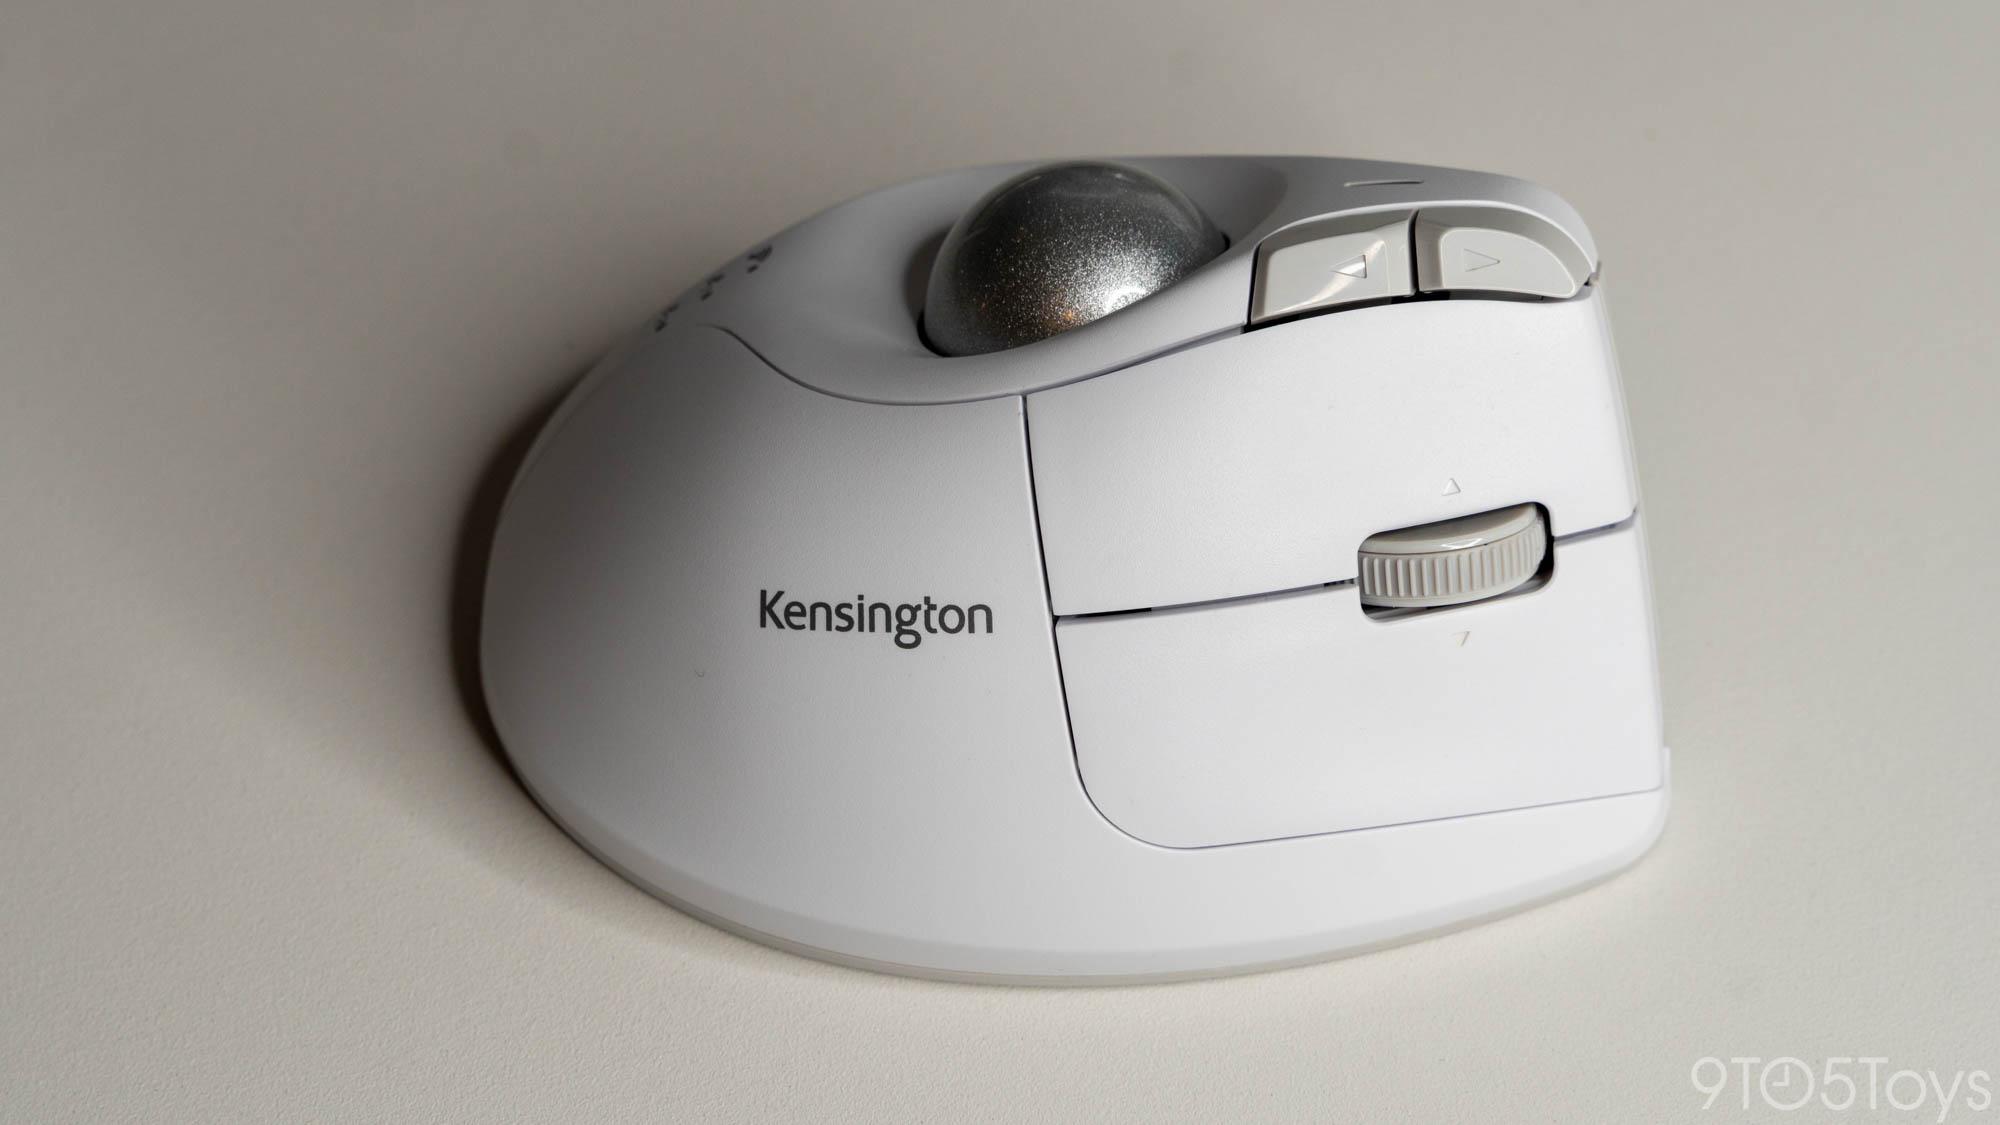 Kensington Pro Fit Ergo Vertical Mouse Review